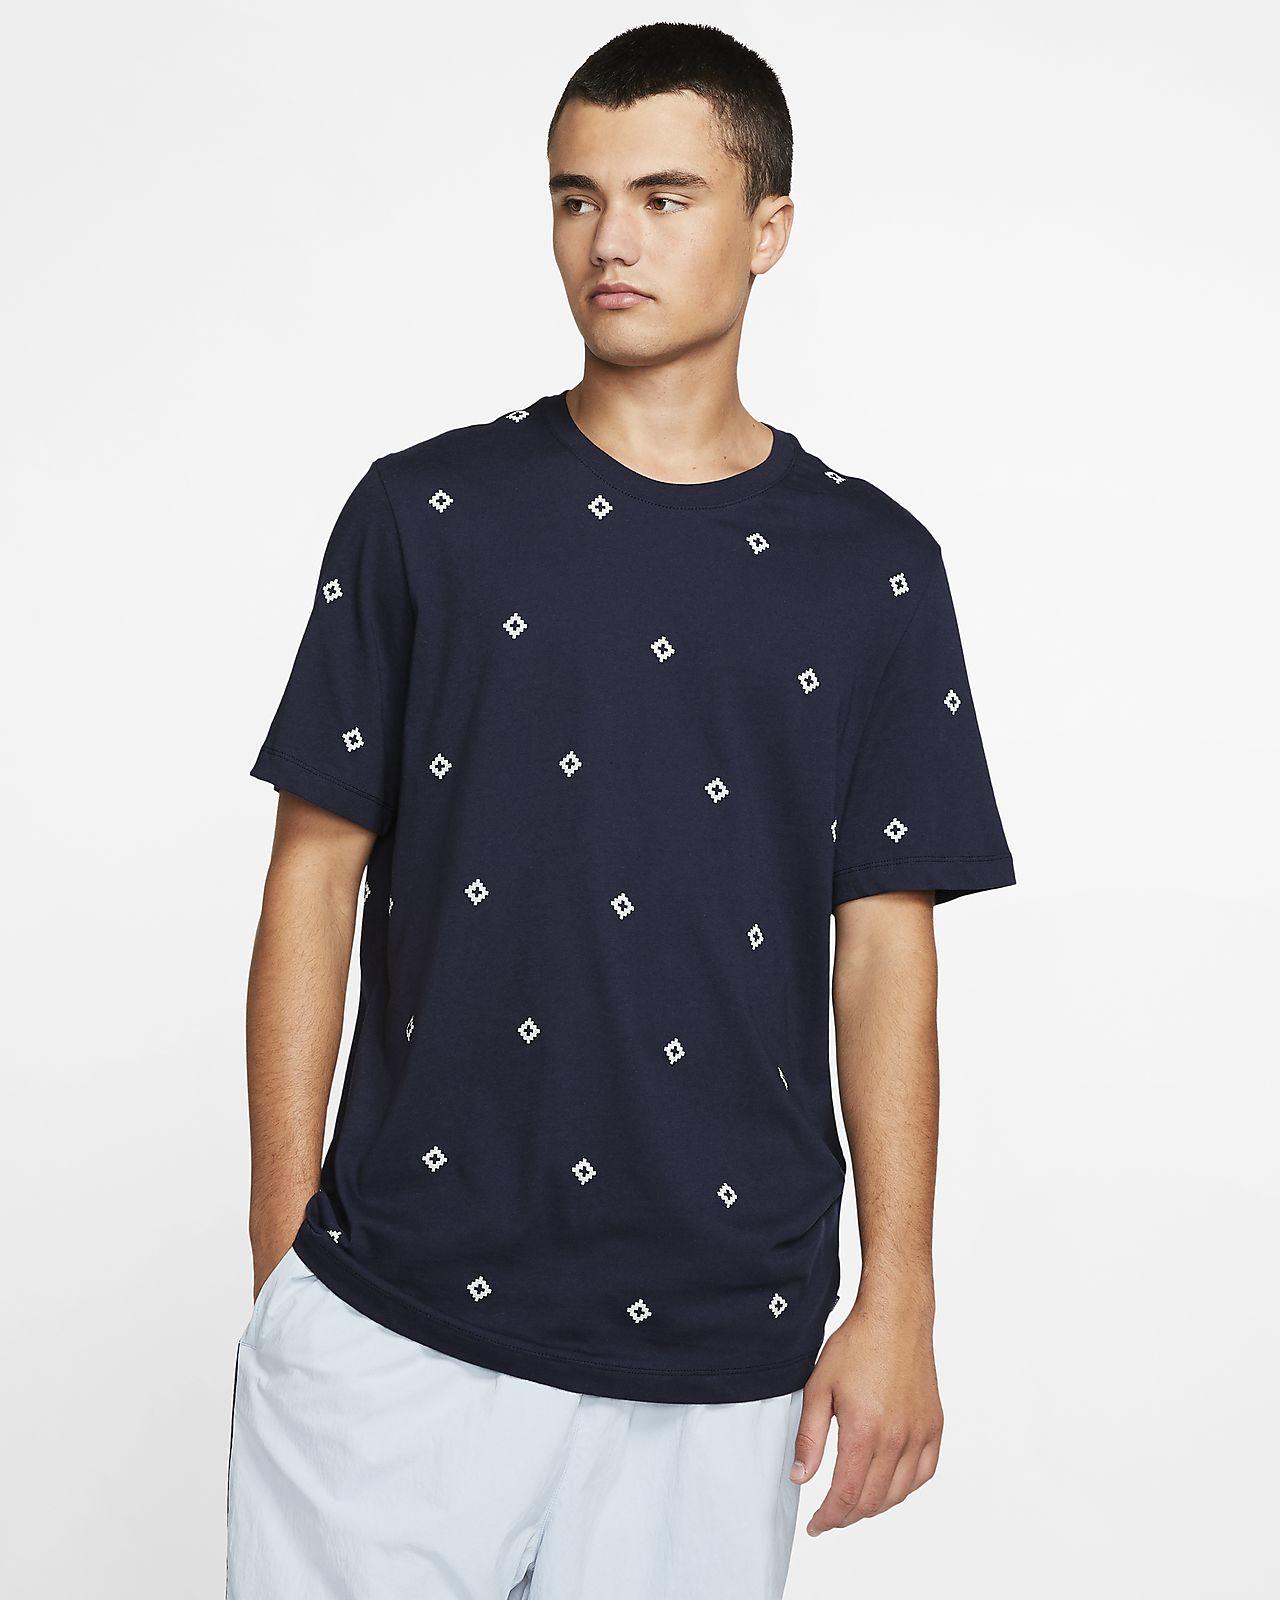 Nike SB-skater-T-shirt med print til mænd